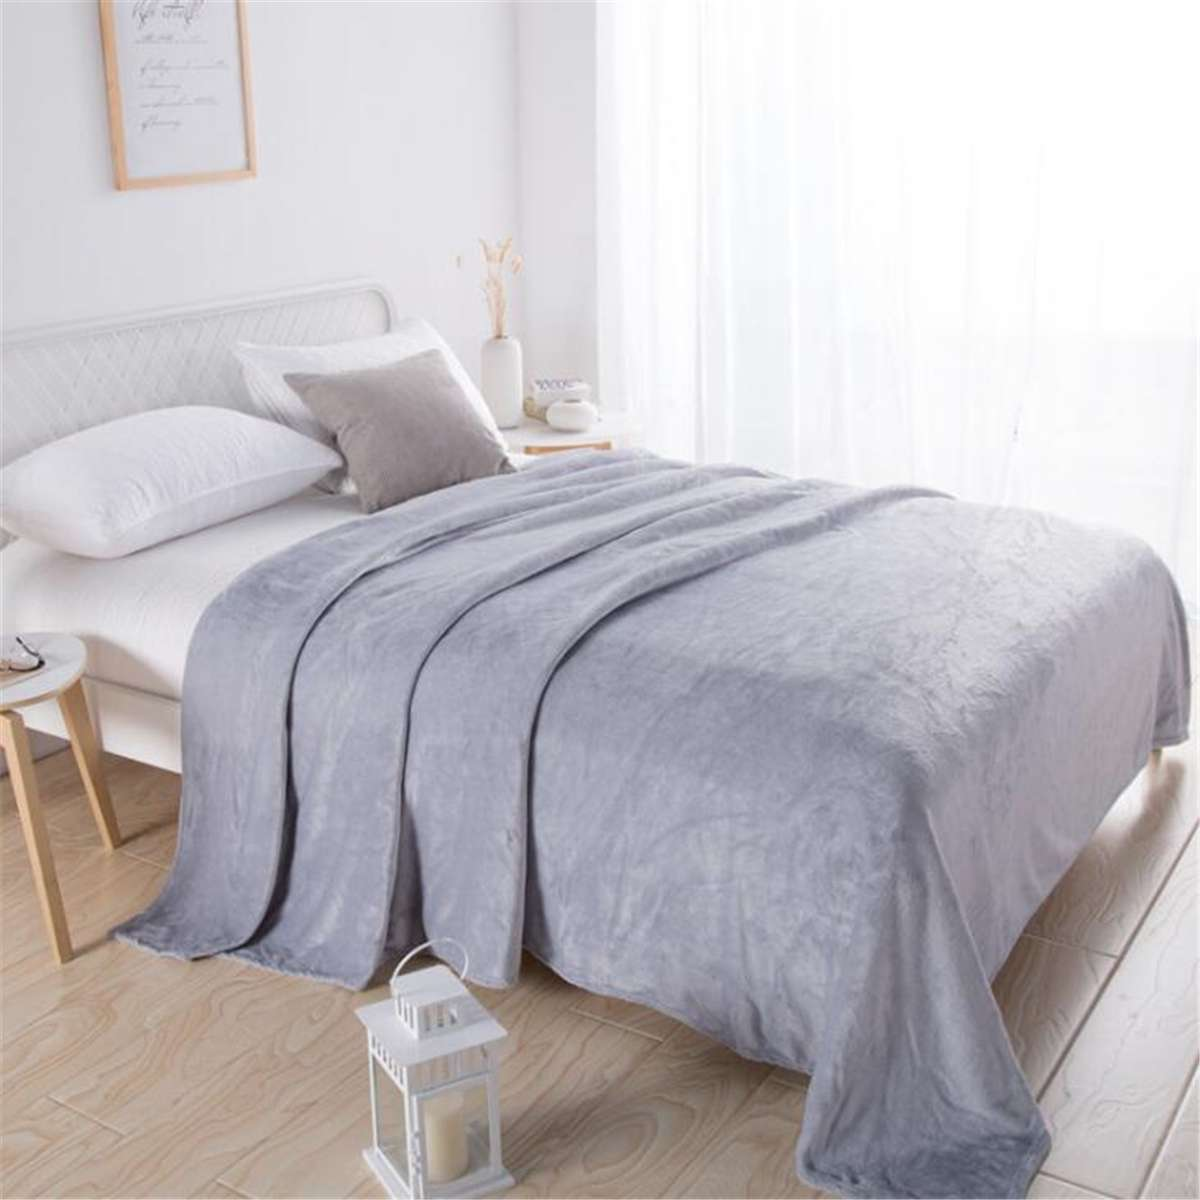 5 couleurs étudiant dortoir épaissi corail flanelle couverture douce couverture Portable voiture voyage couverture couverture lavage mécanique